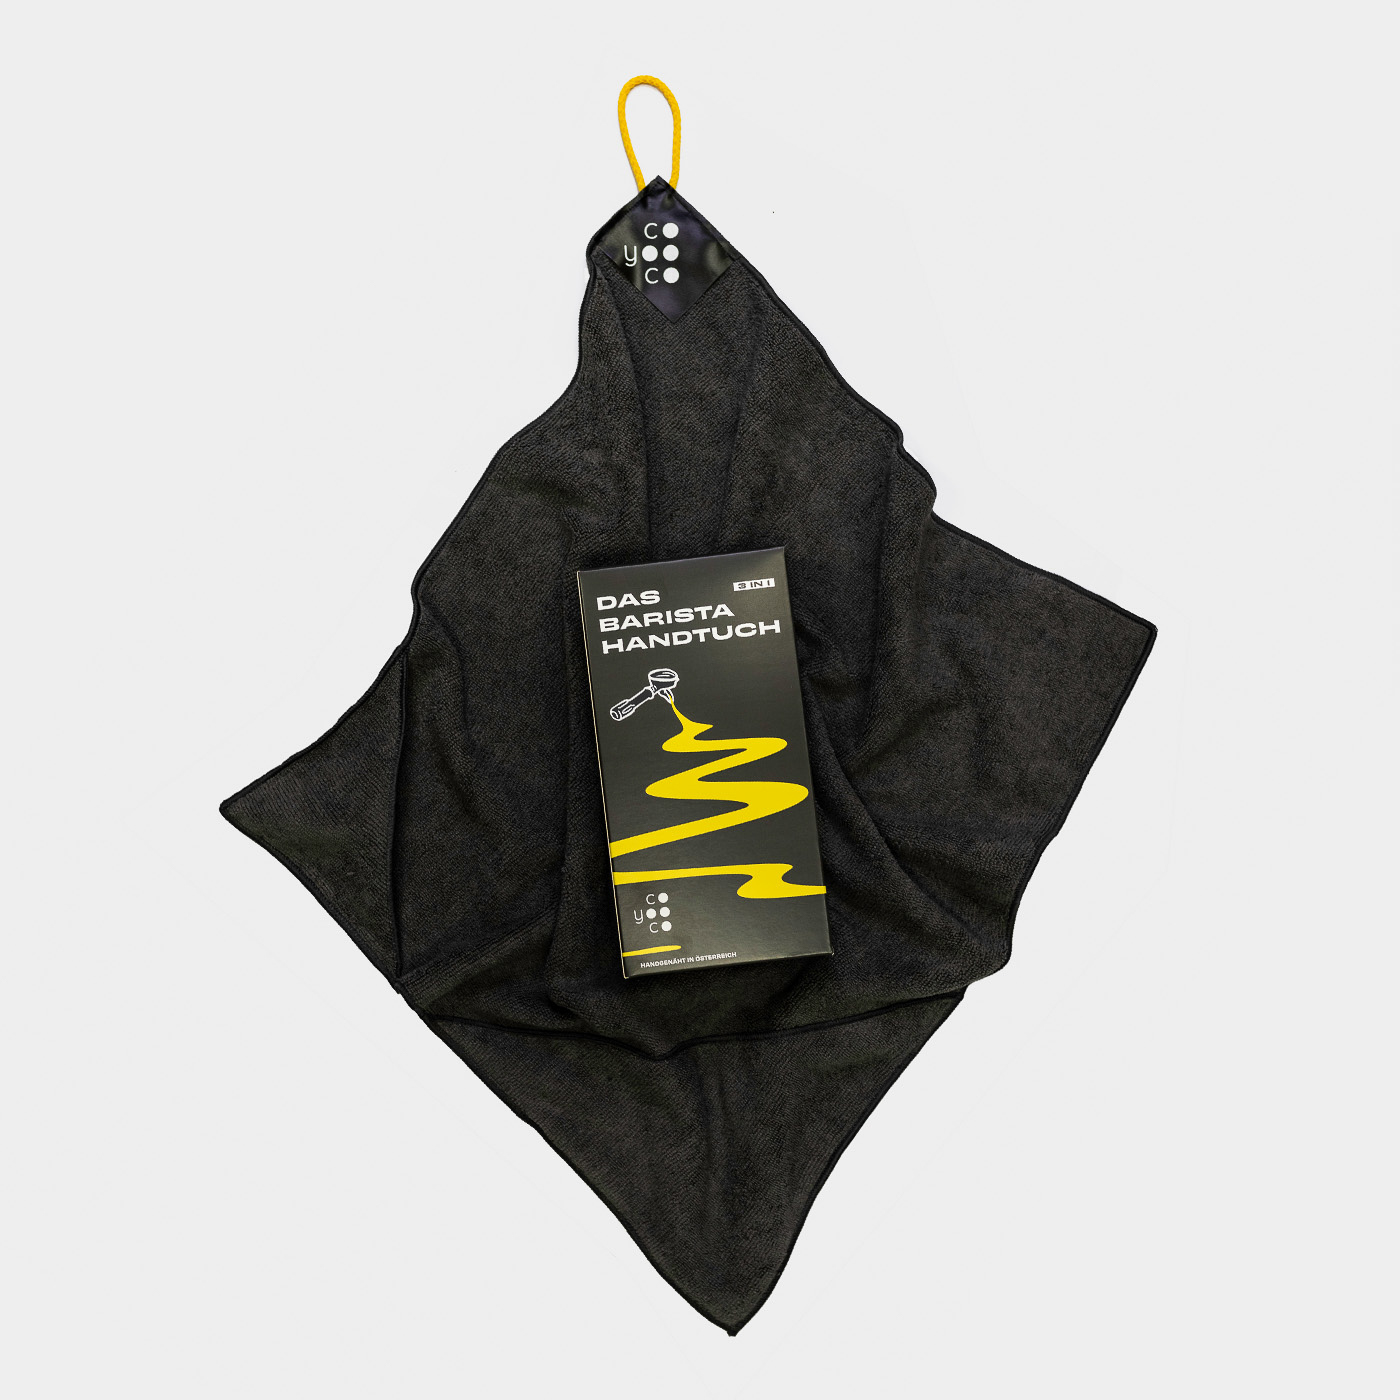 Clevere 3-in-1 Lösung: Das Barista-Tuch von Coyooco. Damit wird alles in einem Schritt sauber